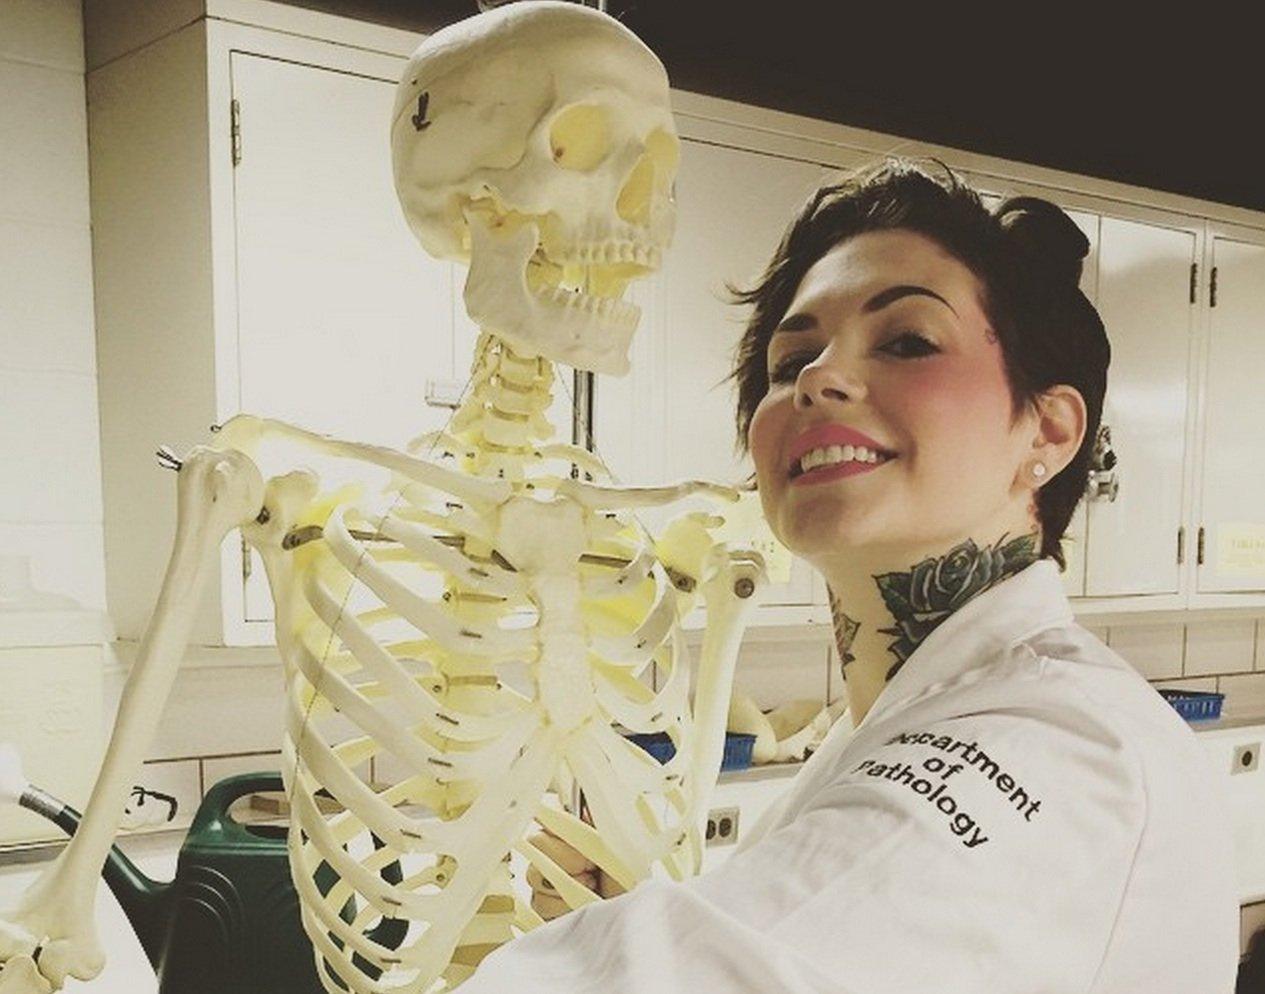 Николь Анжеми с муляжем скелета